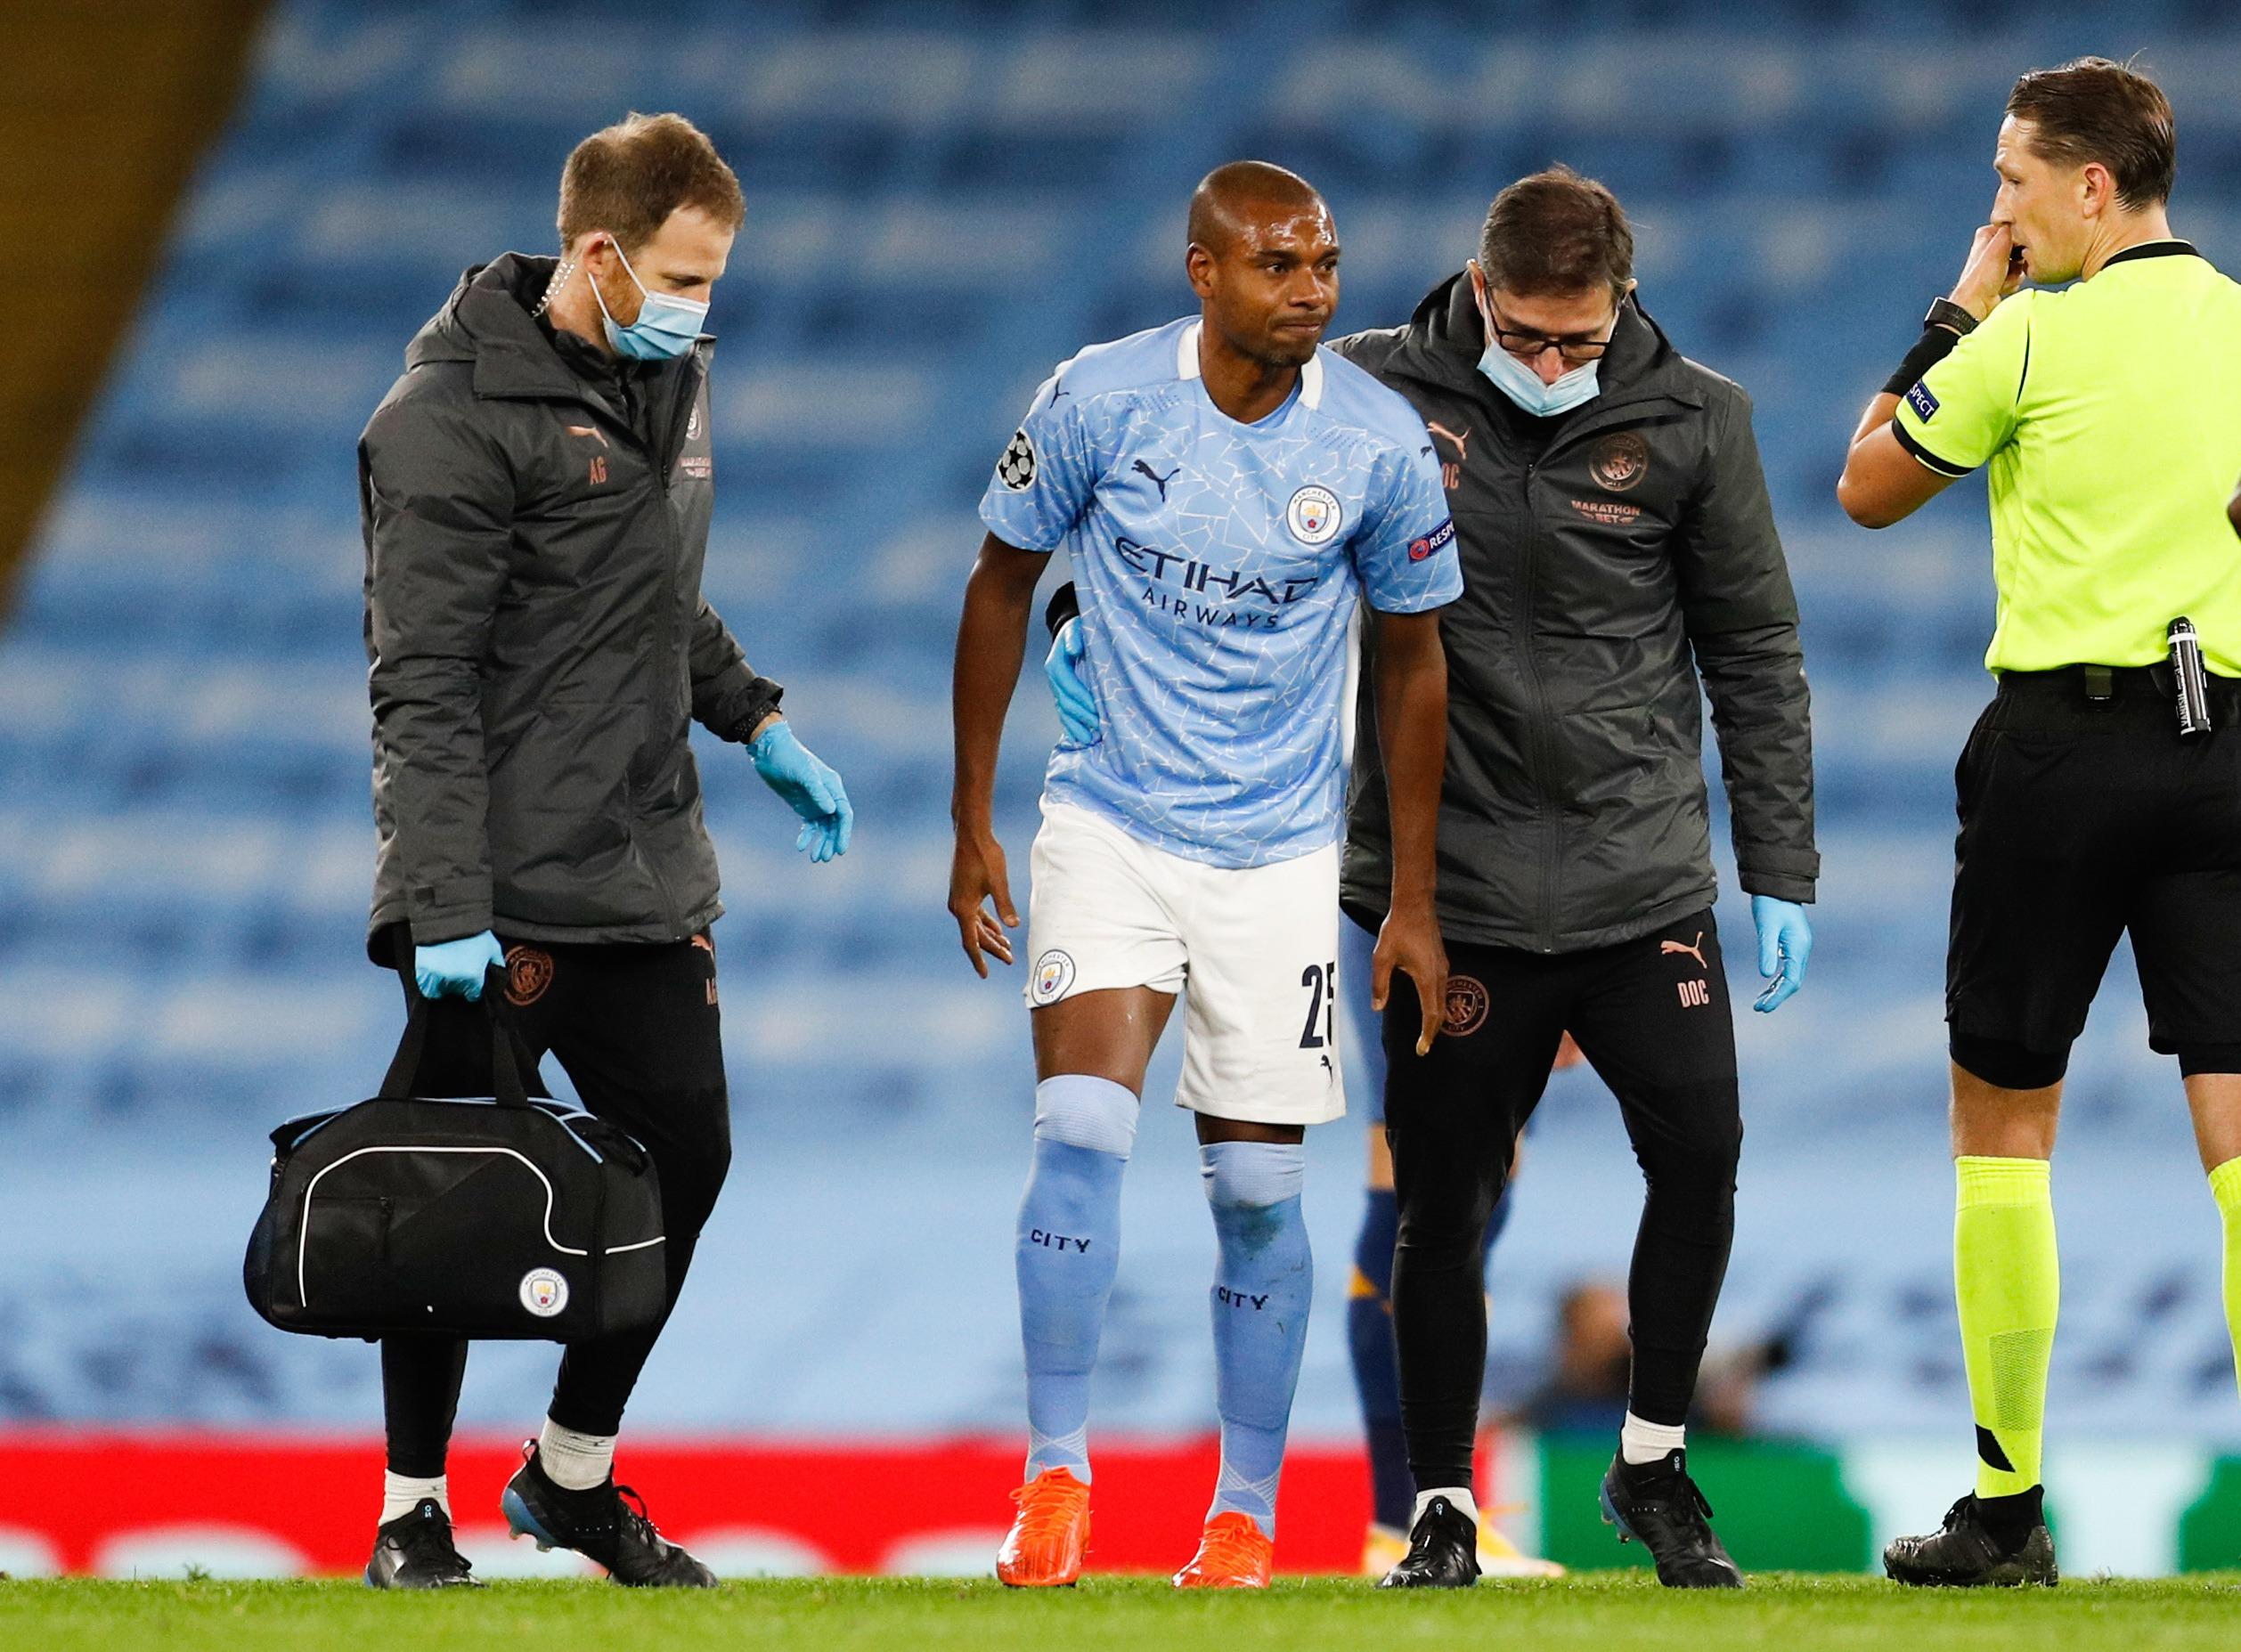 LdC - Manchester City devra faire sans ce joueur important